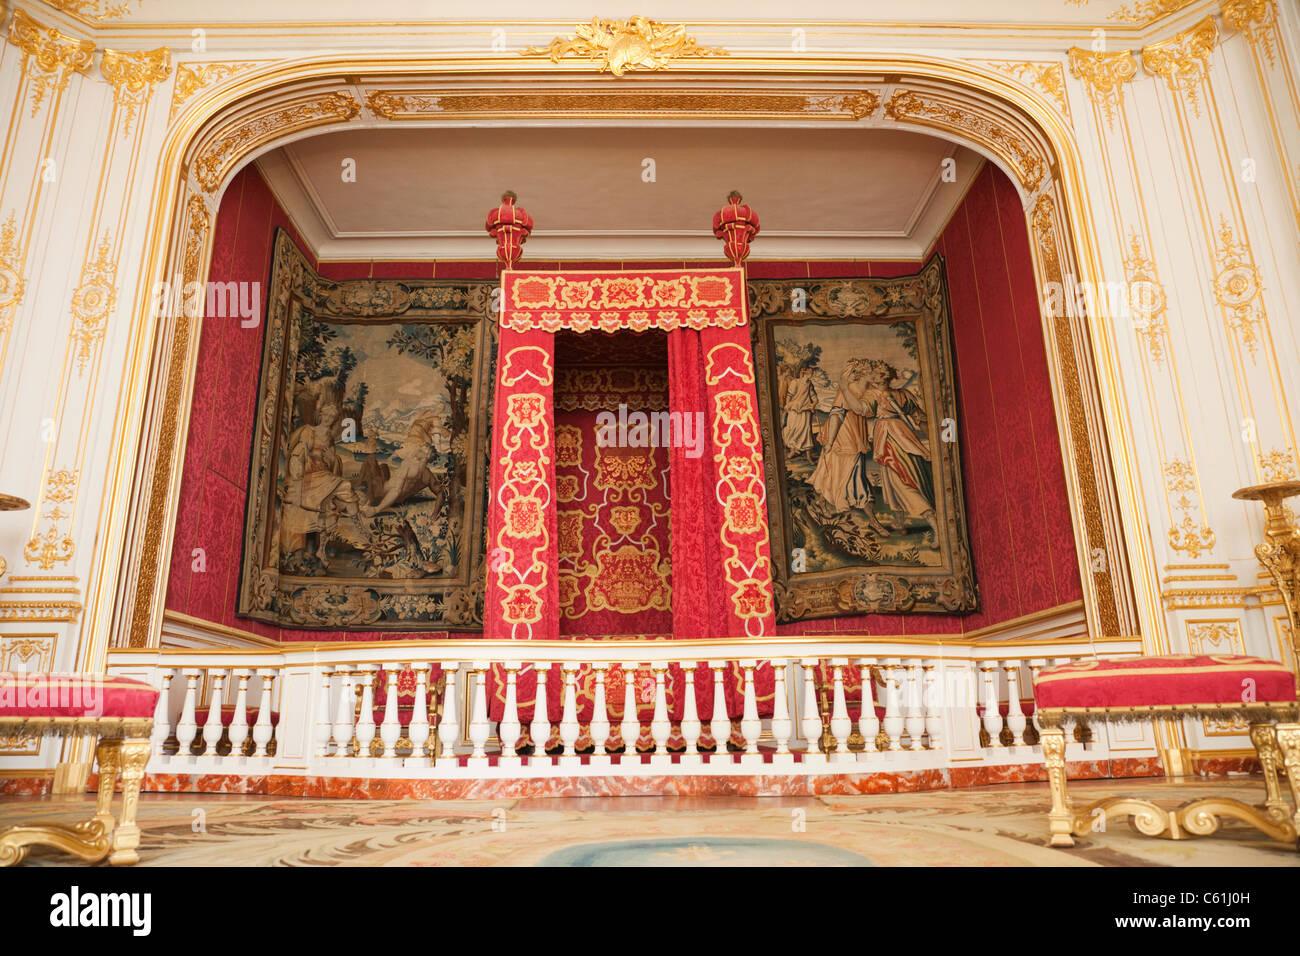 France, vallée de la Loire, Château de Chambord, le roi Louis XIV Chambre Banque D'Images